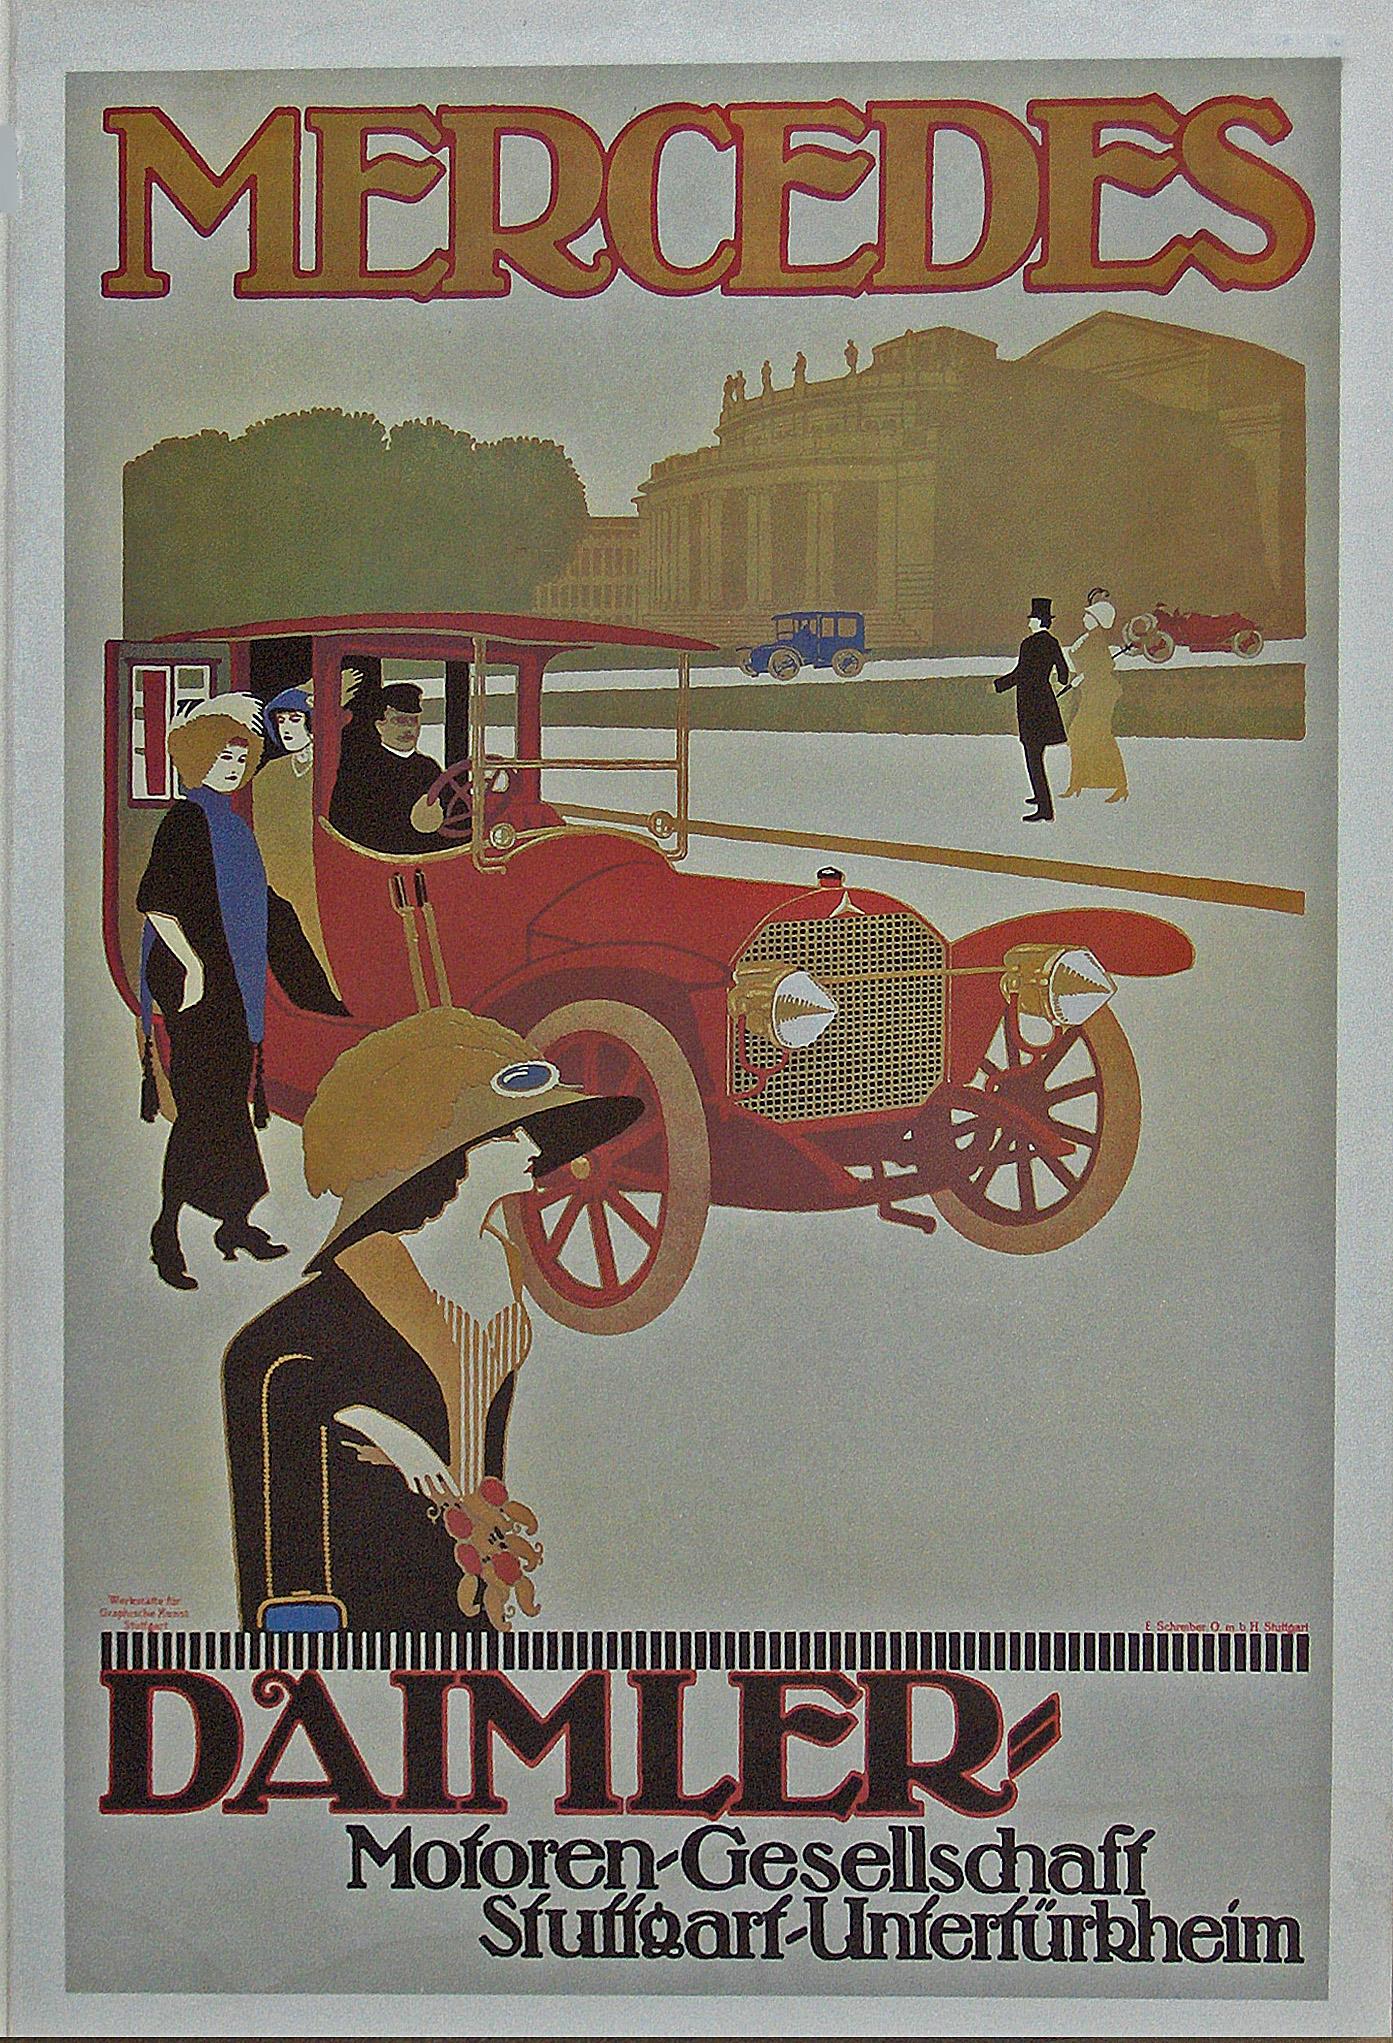 Daimler-Motoren-Gesellschaft